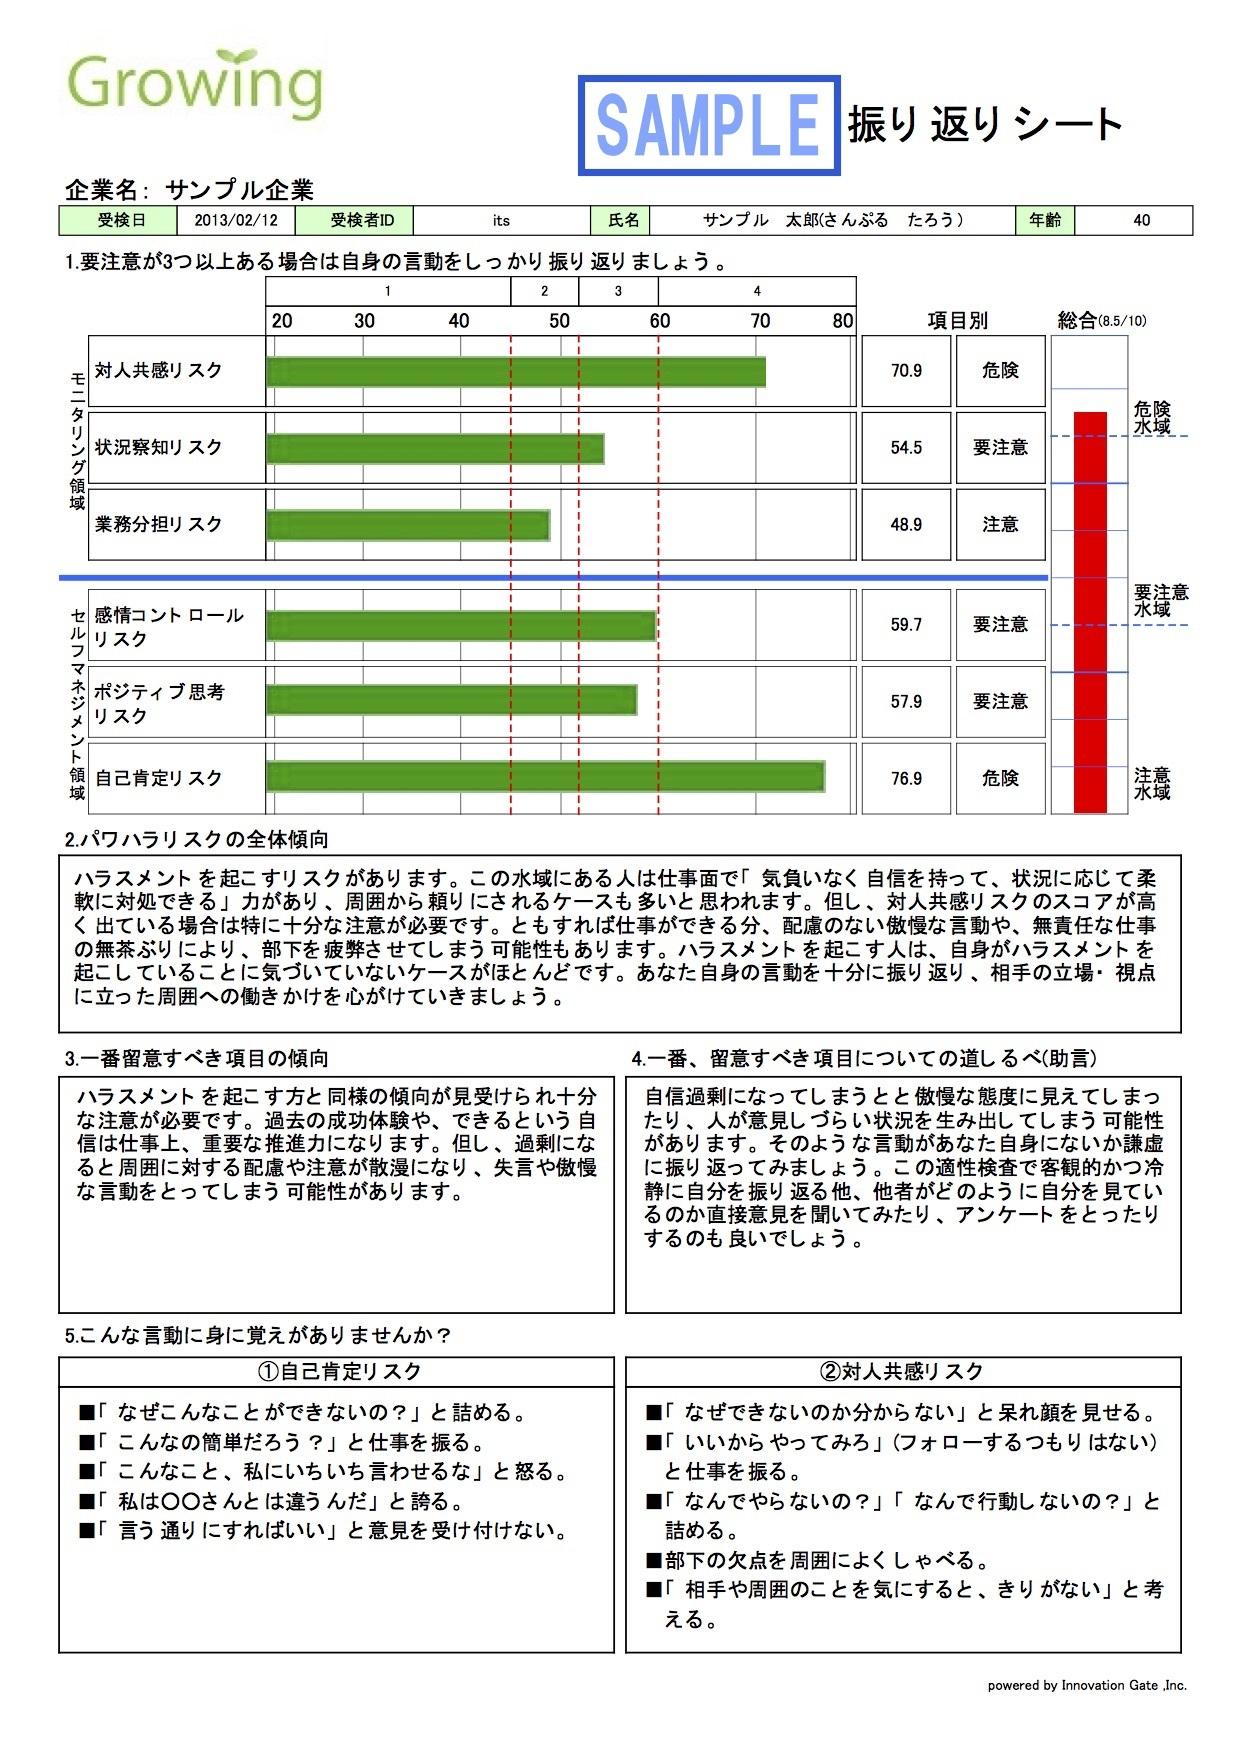 日本初(※)!パワハラするリスクを炙り出し、助言する、管理職教育用Web適性検査「パワハラ振り返りシート」提供開始